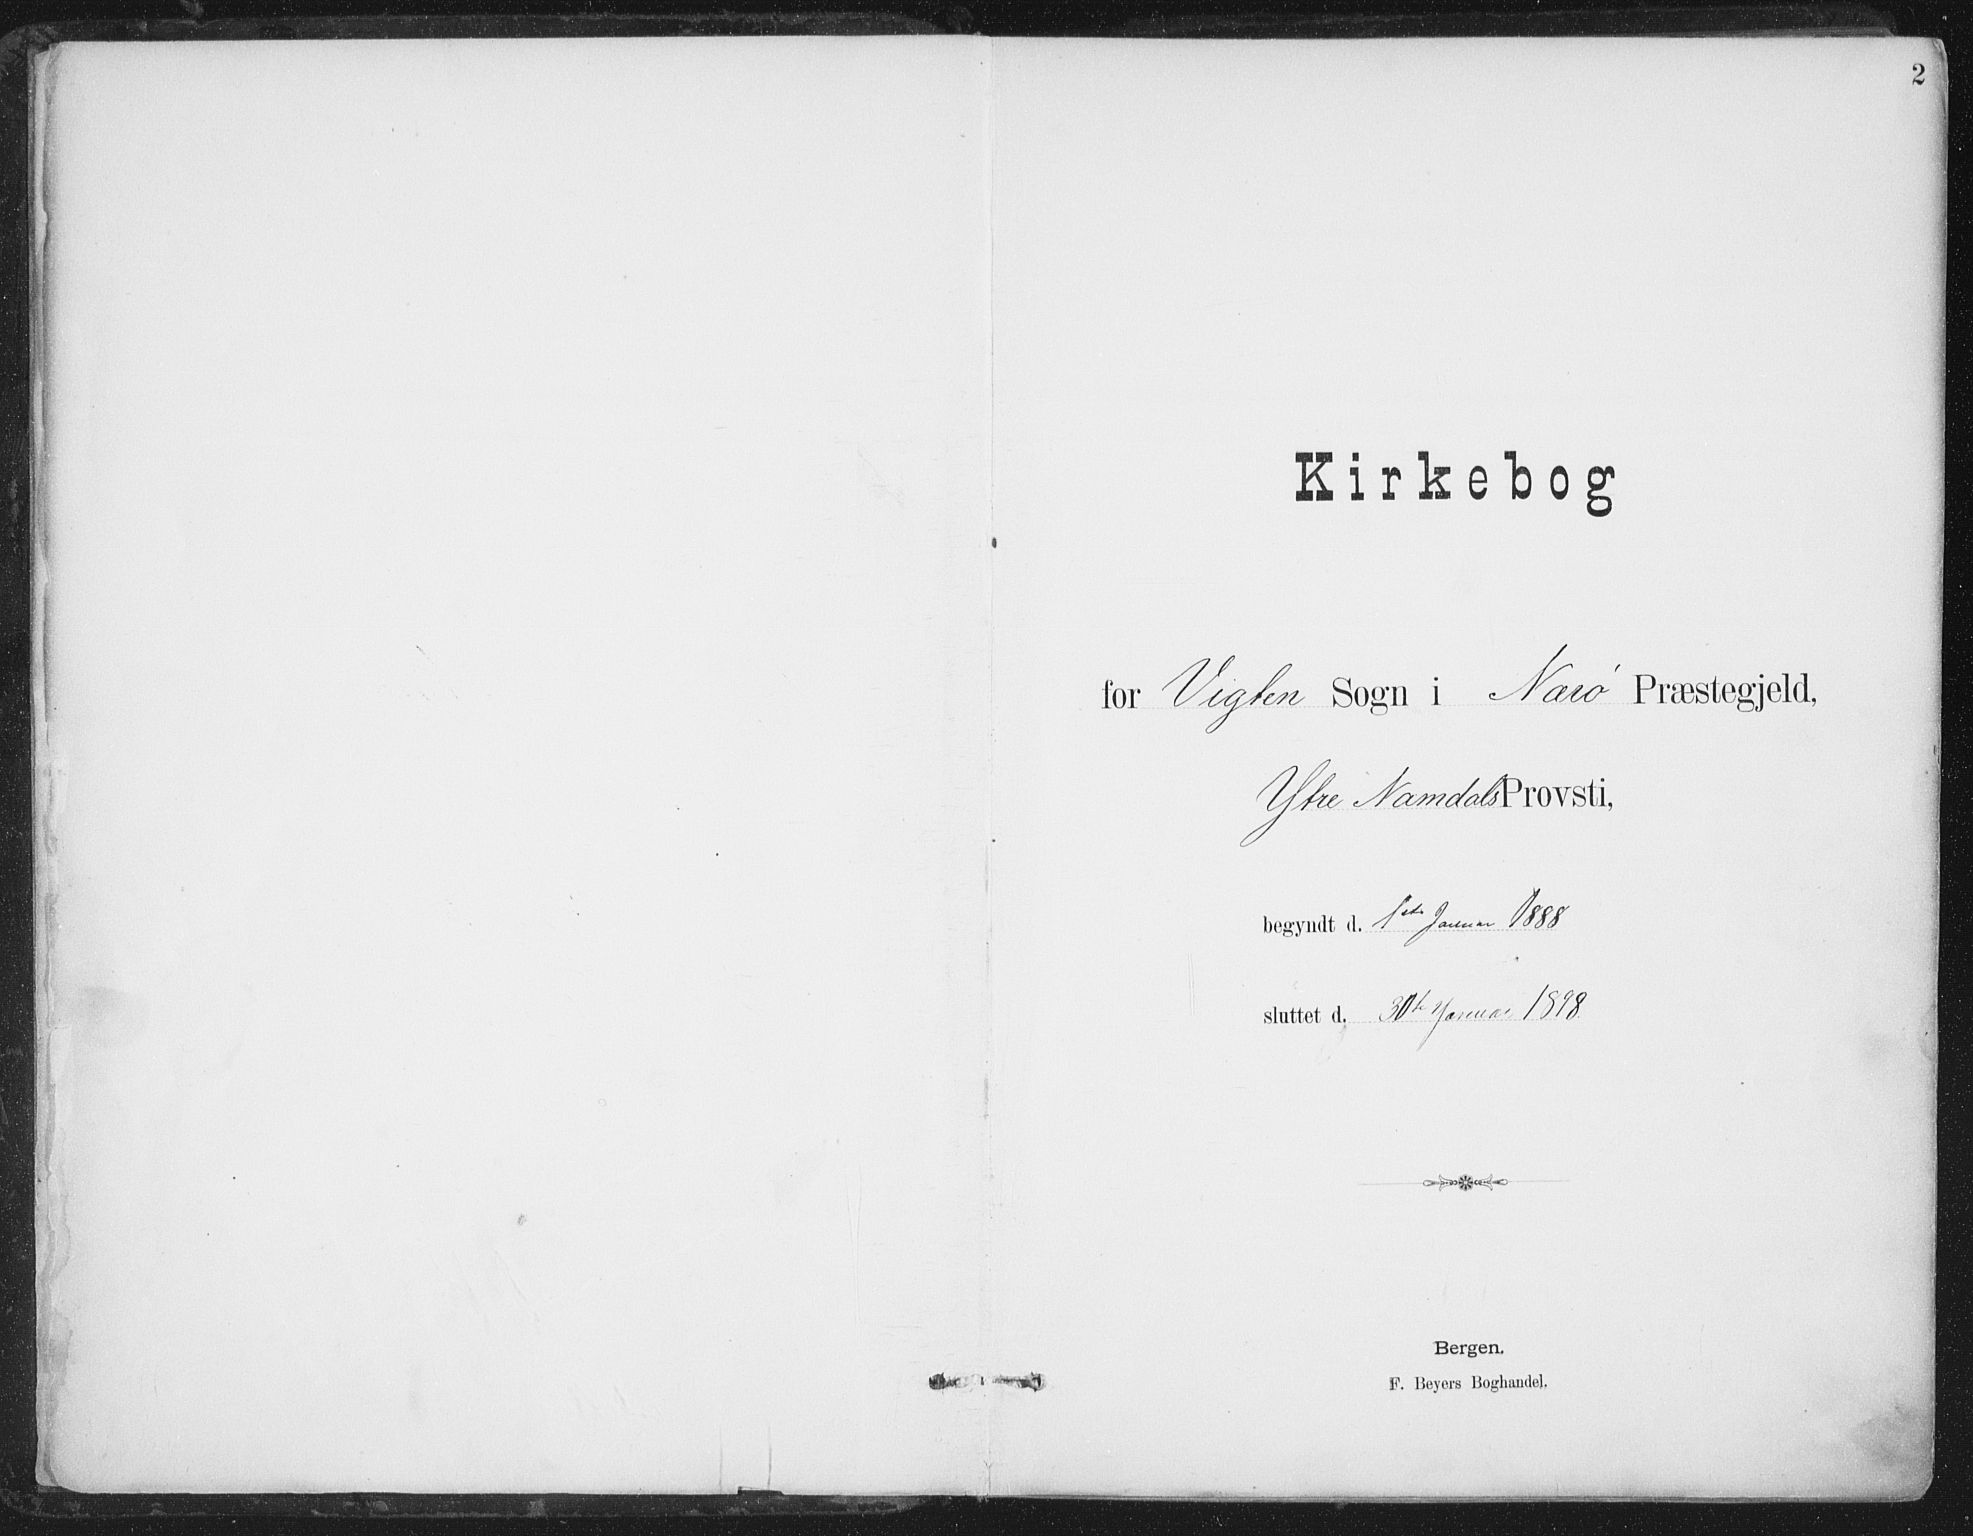 SAT, Ministerialprotokoller, klokkerbøker og fødselsregistre - Nord-Trøndelag, 786/L0687: Ministerialbok nr. 786A03, 1888-1898, s. 2